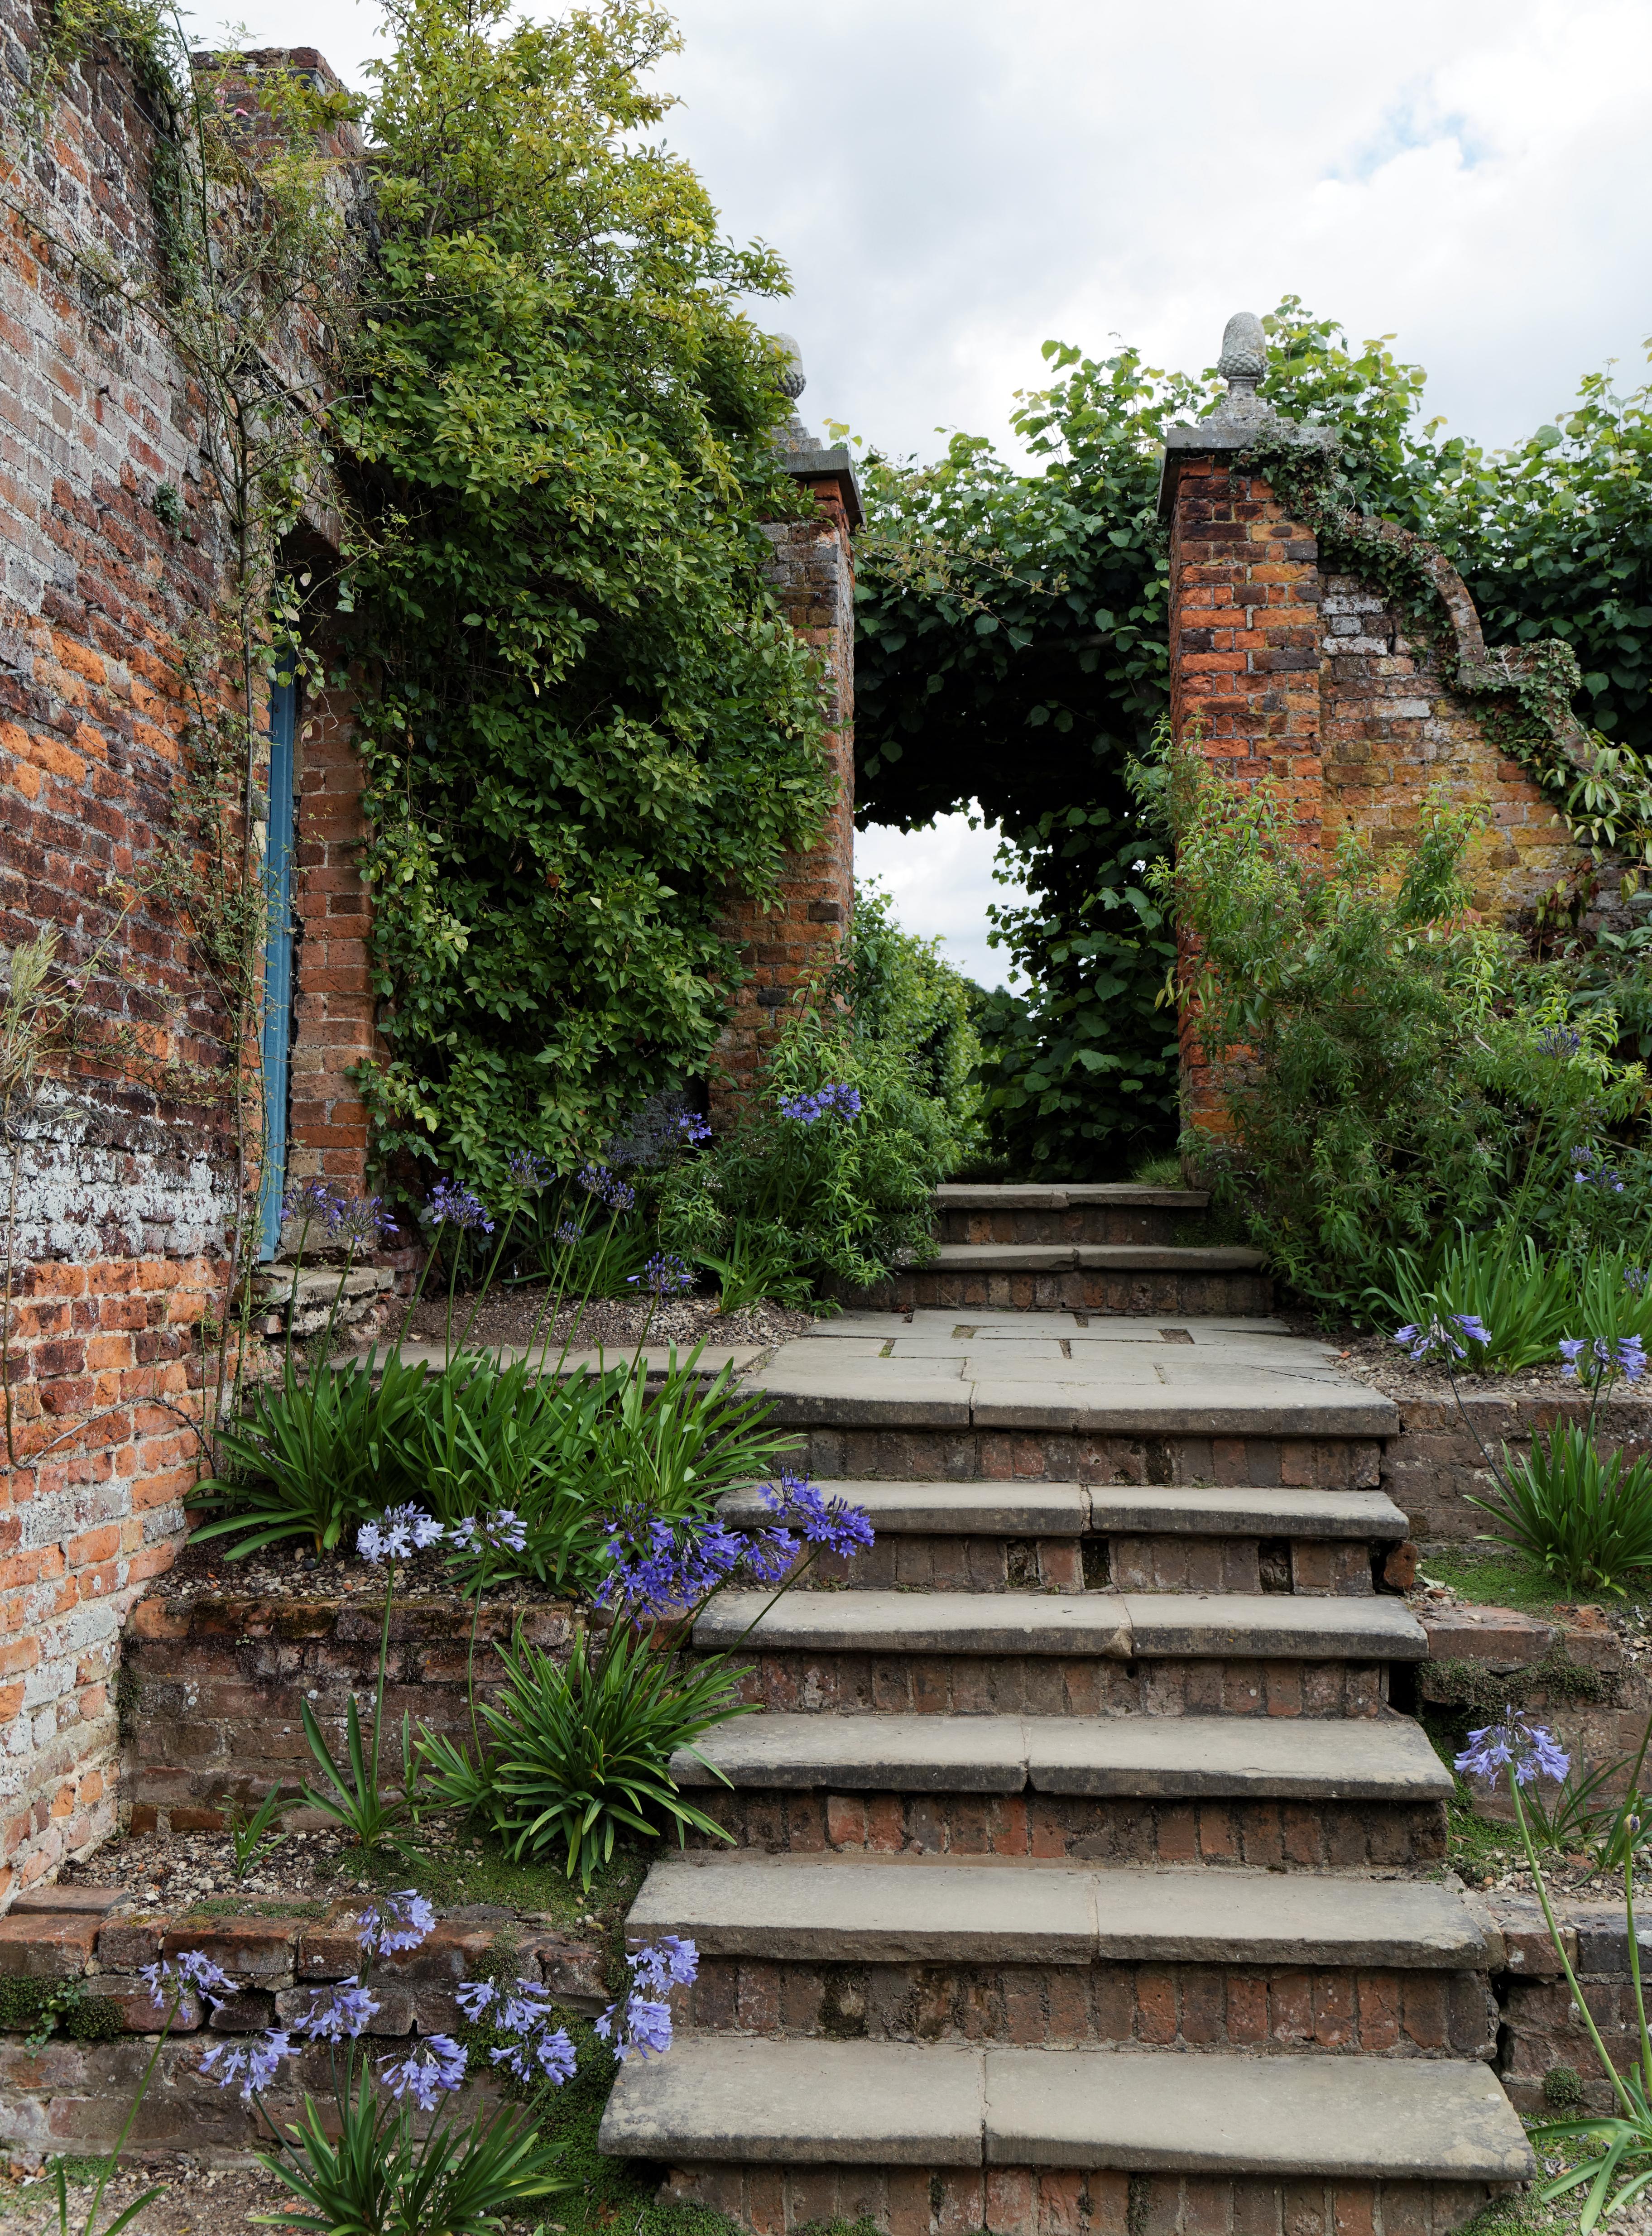 File:Garden Steps In Sundial Garden Northeast Hatfield House Hertfordshire  England